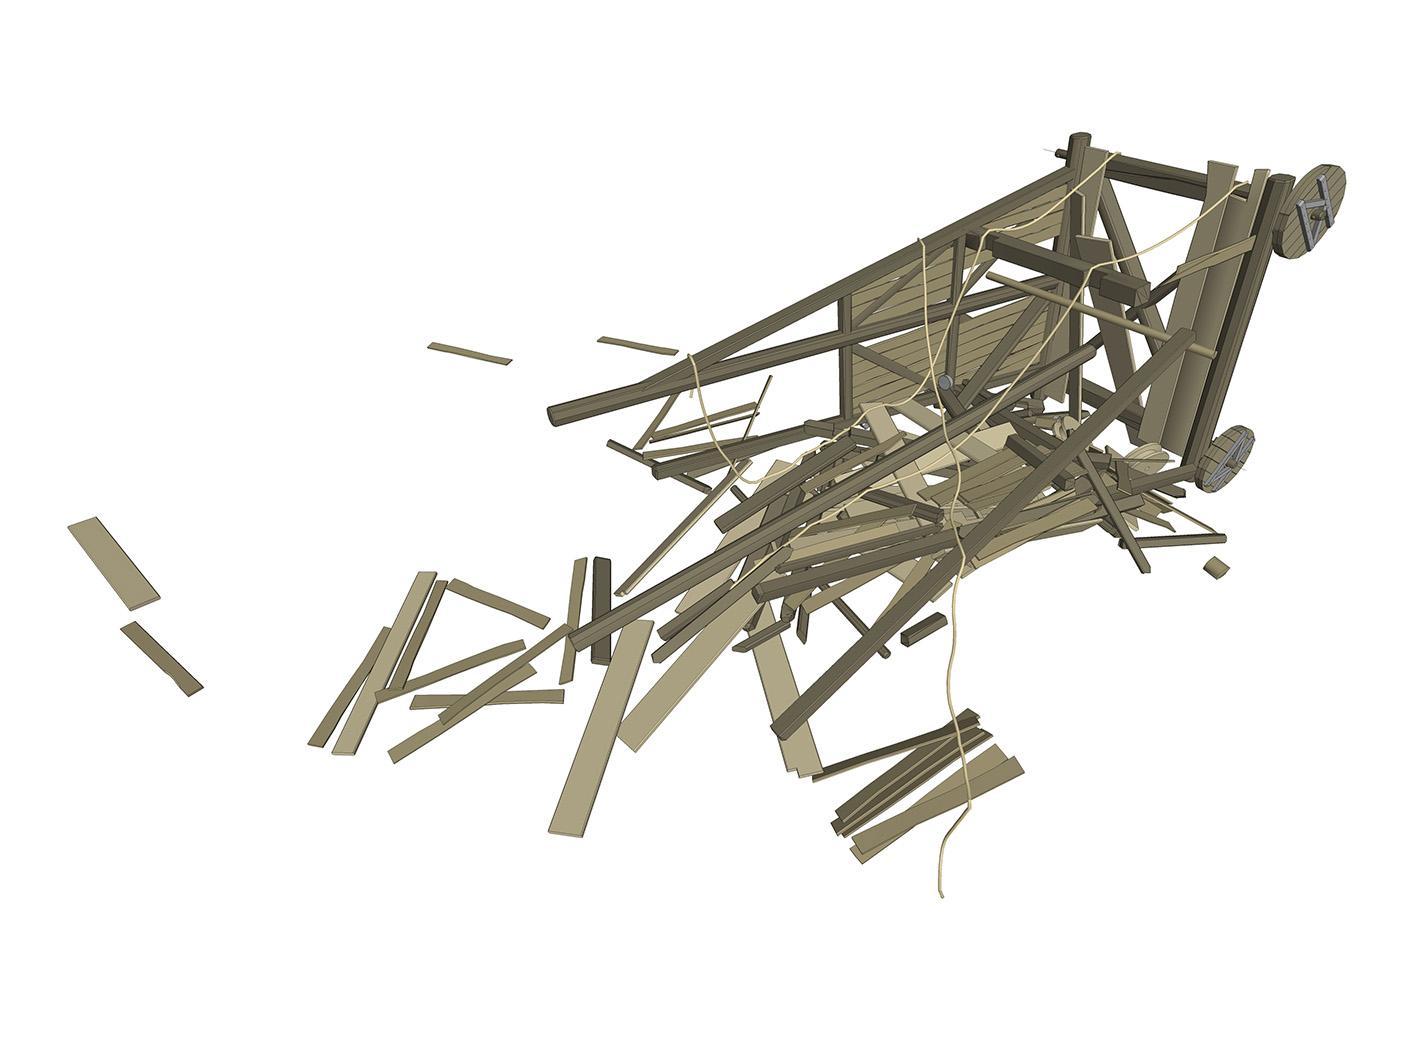 Tour de siège détruite